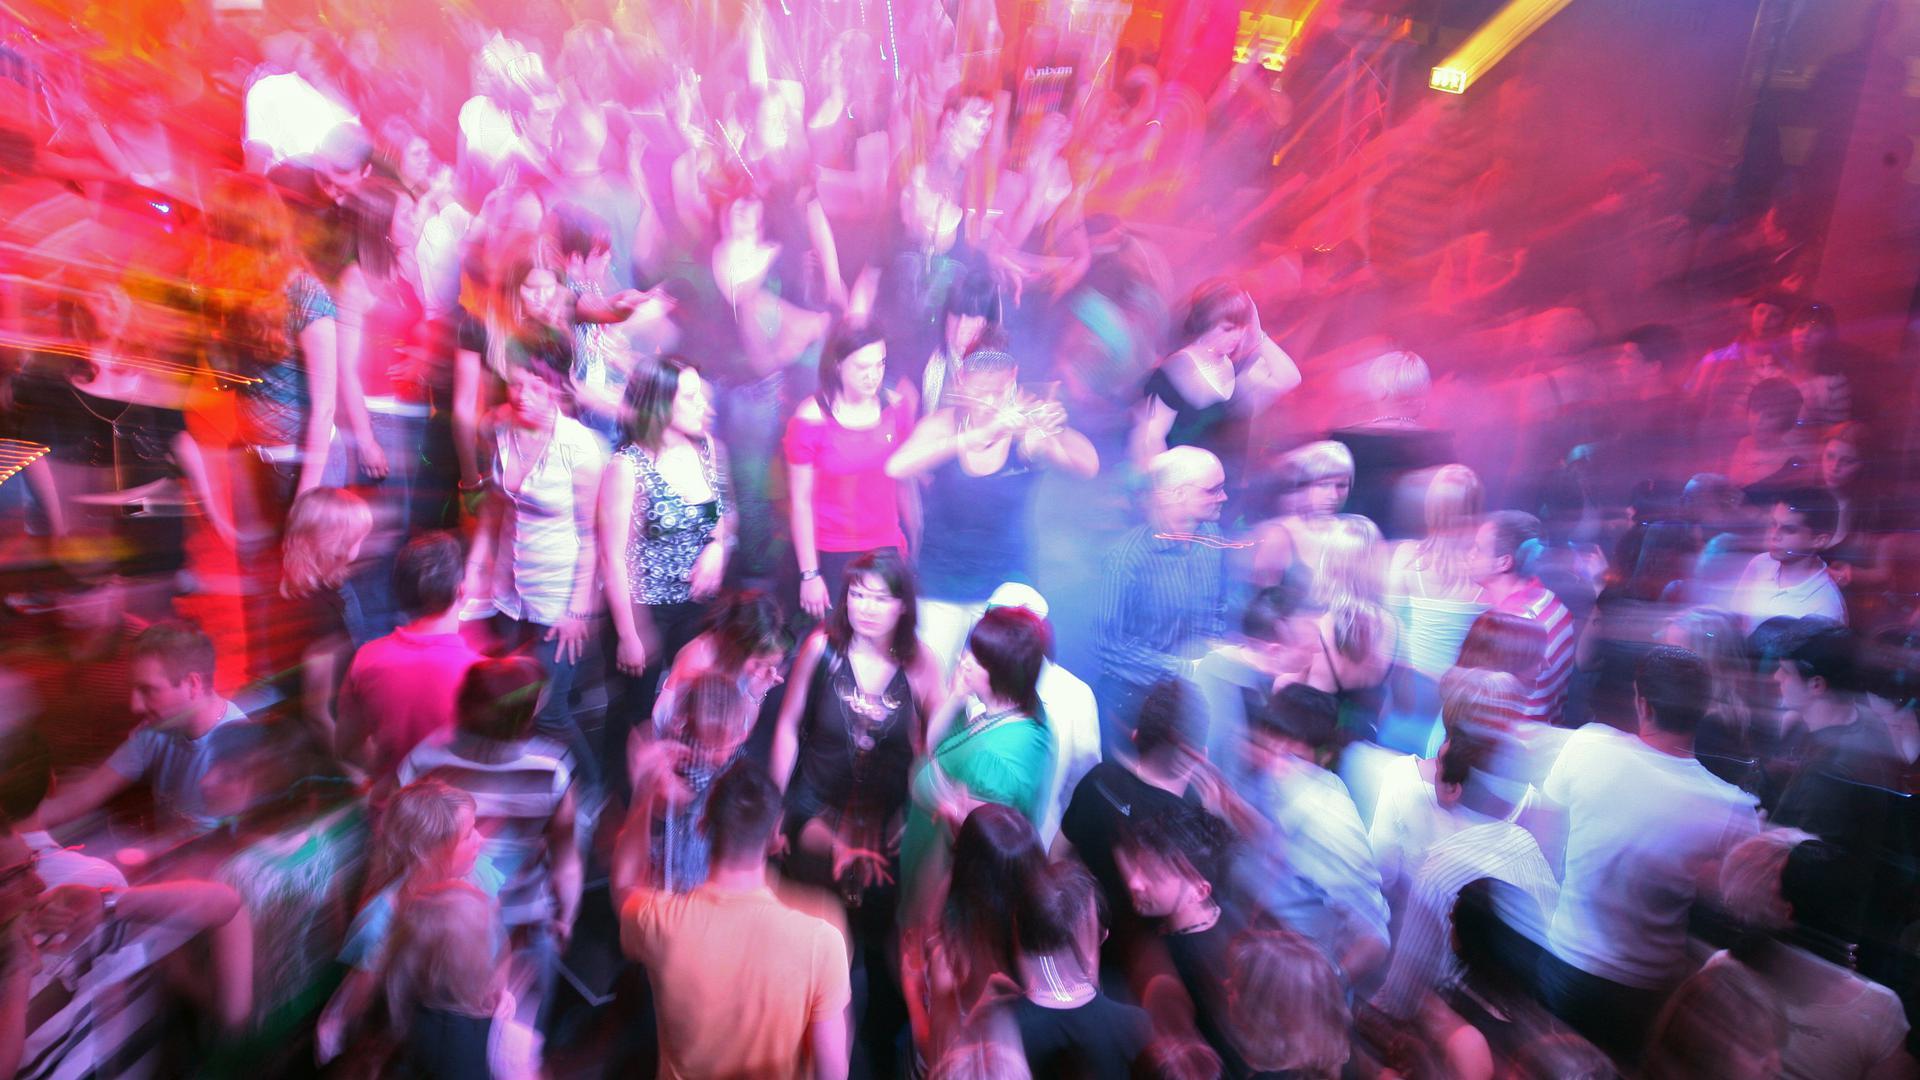 Keine Perspektive: Ausgelassene Partys gibt es in den Karlsruher Clubs weiterhin nicht, auch wenn die neue Corona-Verordnung zumindest in der Theorie eine Öffnungsmöglichkeit schafft. (Archivfoto)